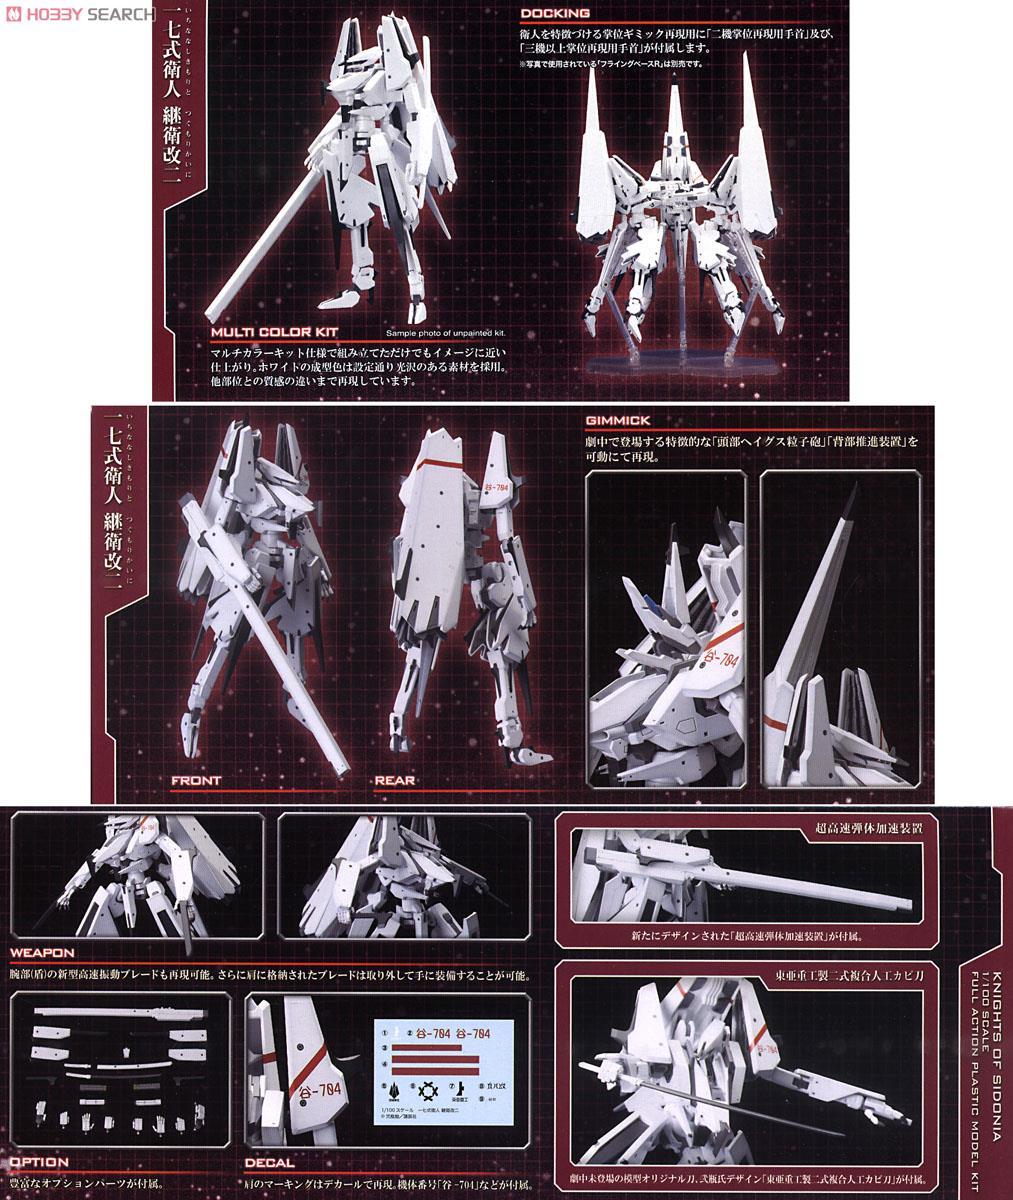 【再販】シドニアの騎士『一七式衛人 継衛改二』1/100 プラモデル-018